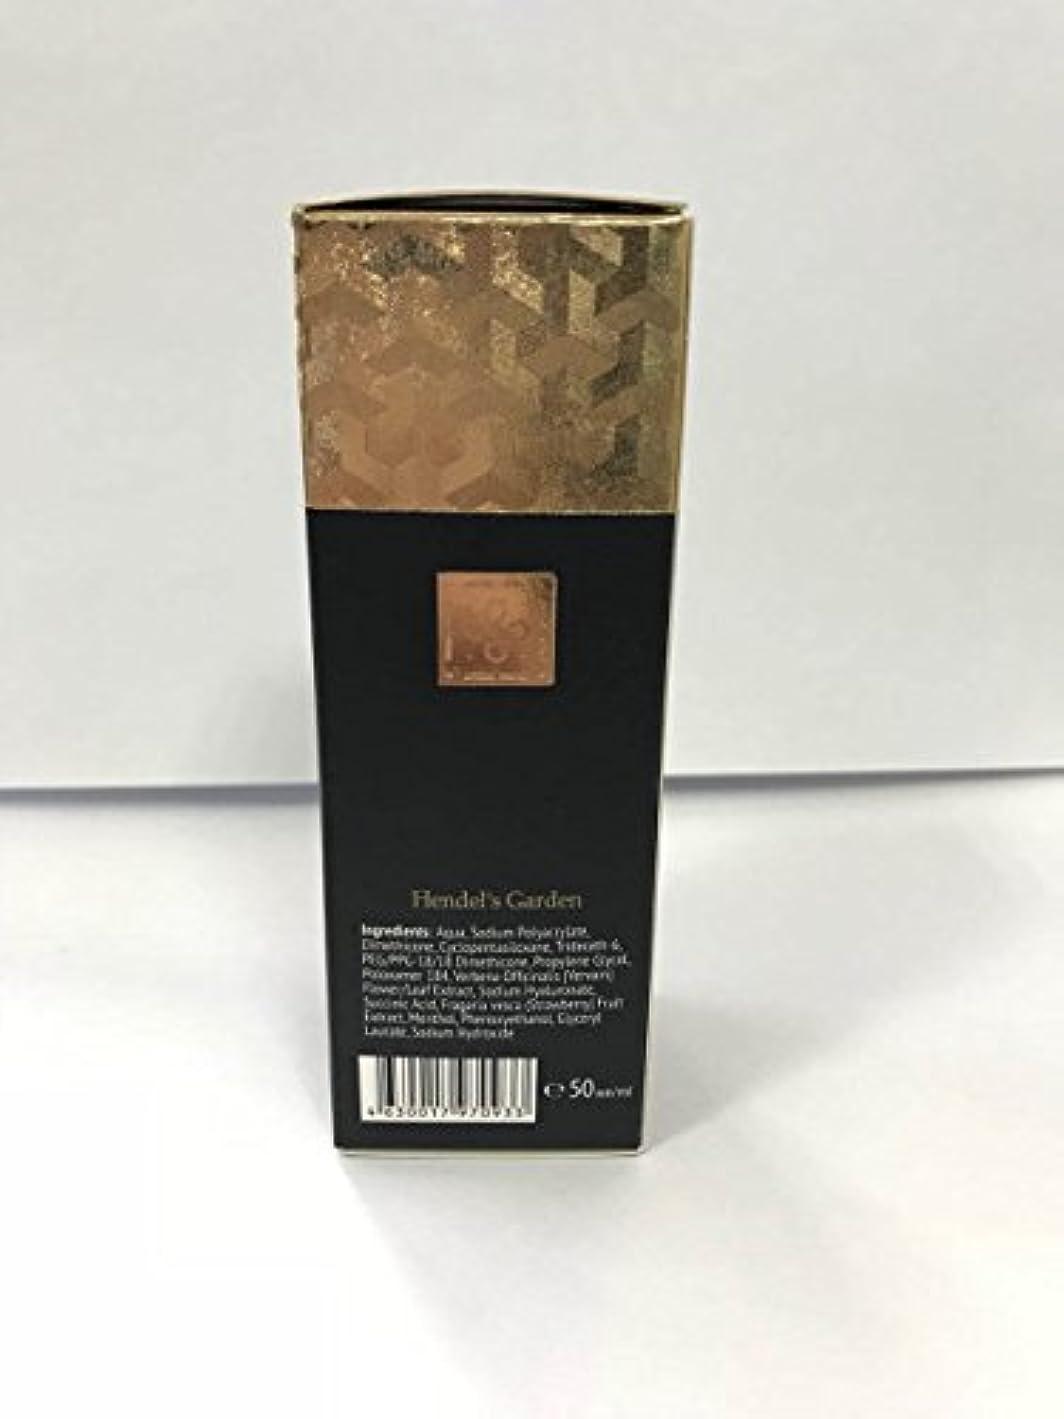 爆発非アクティブ課税タイタンジェル ゴールド Titan gel Gold 50ml 日本語説明付き [並行輸入品]